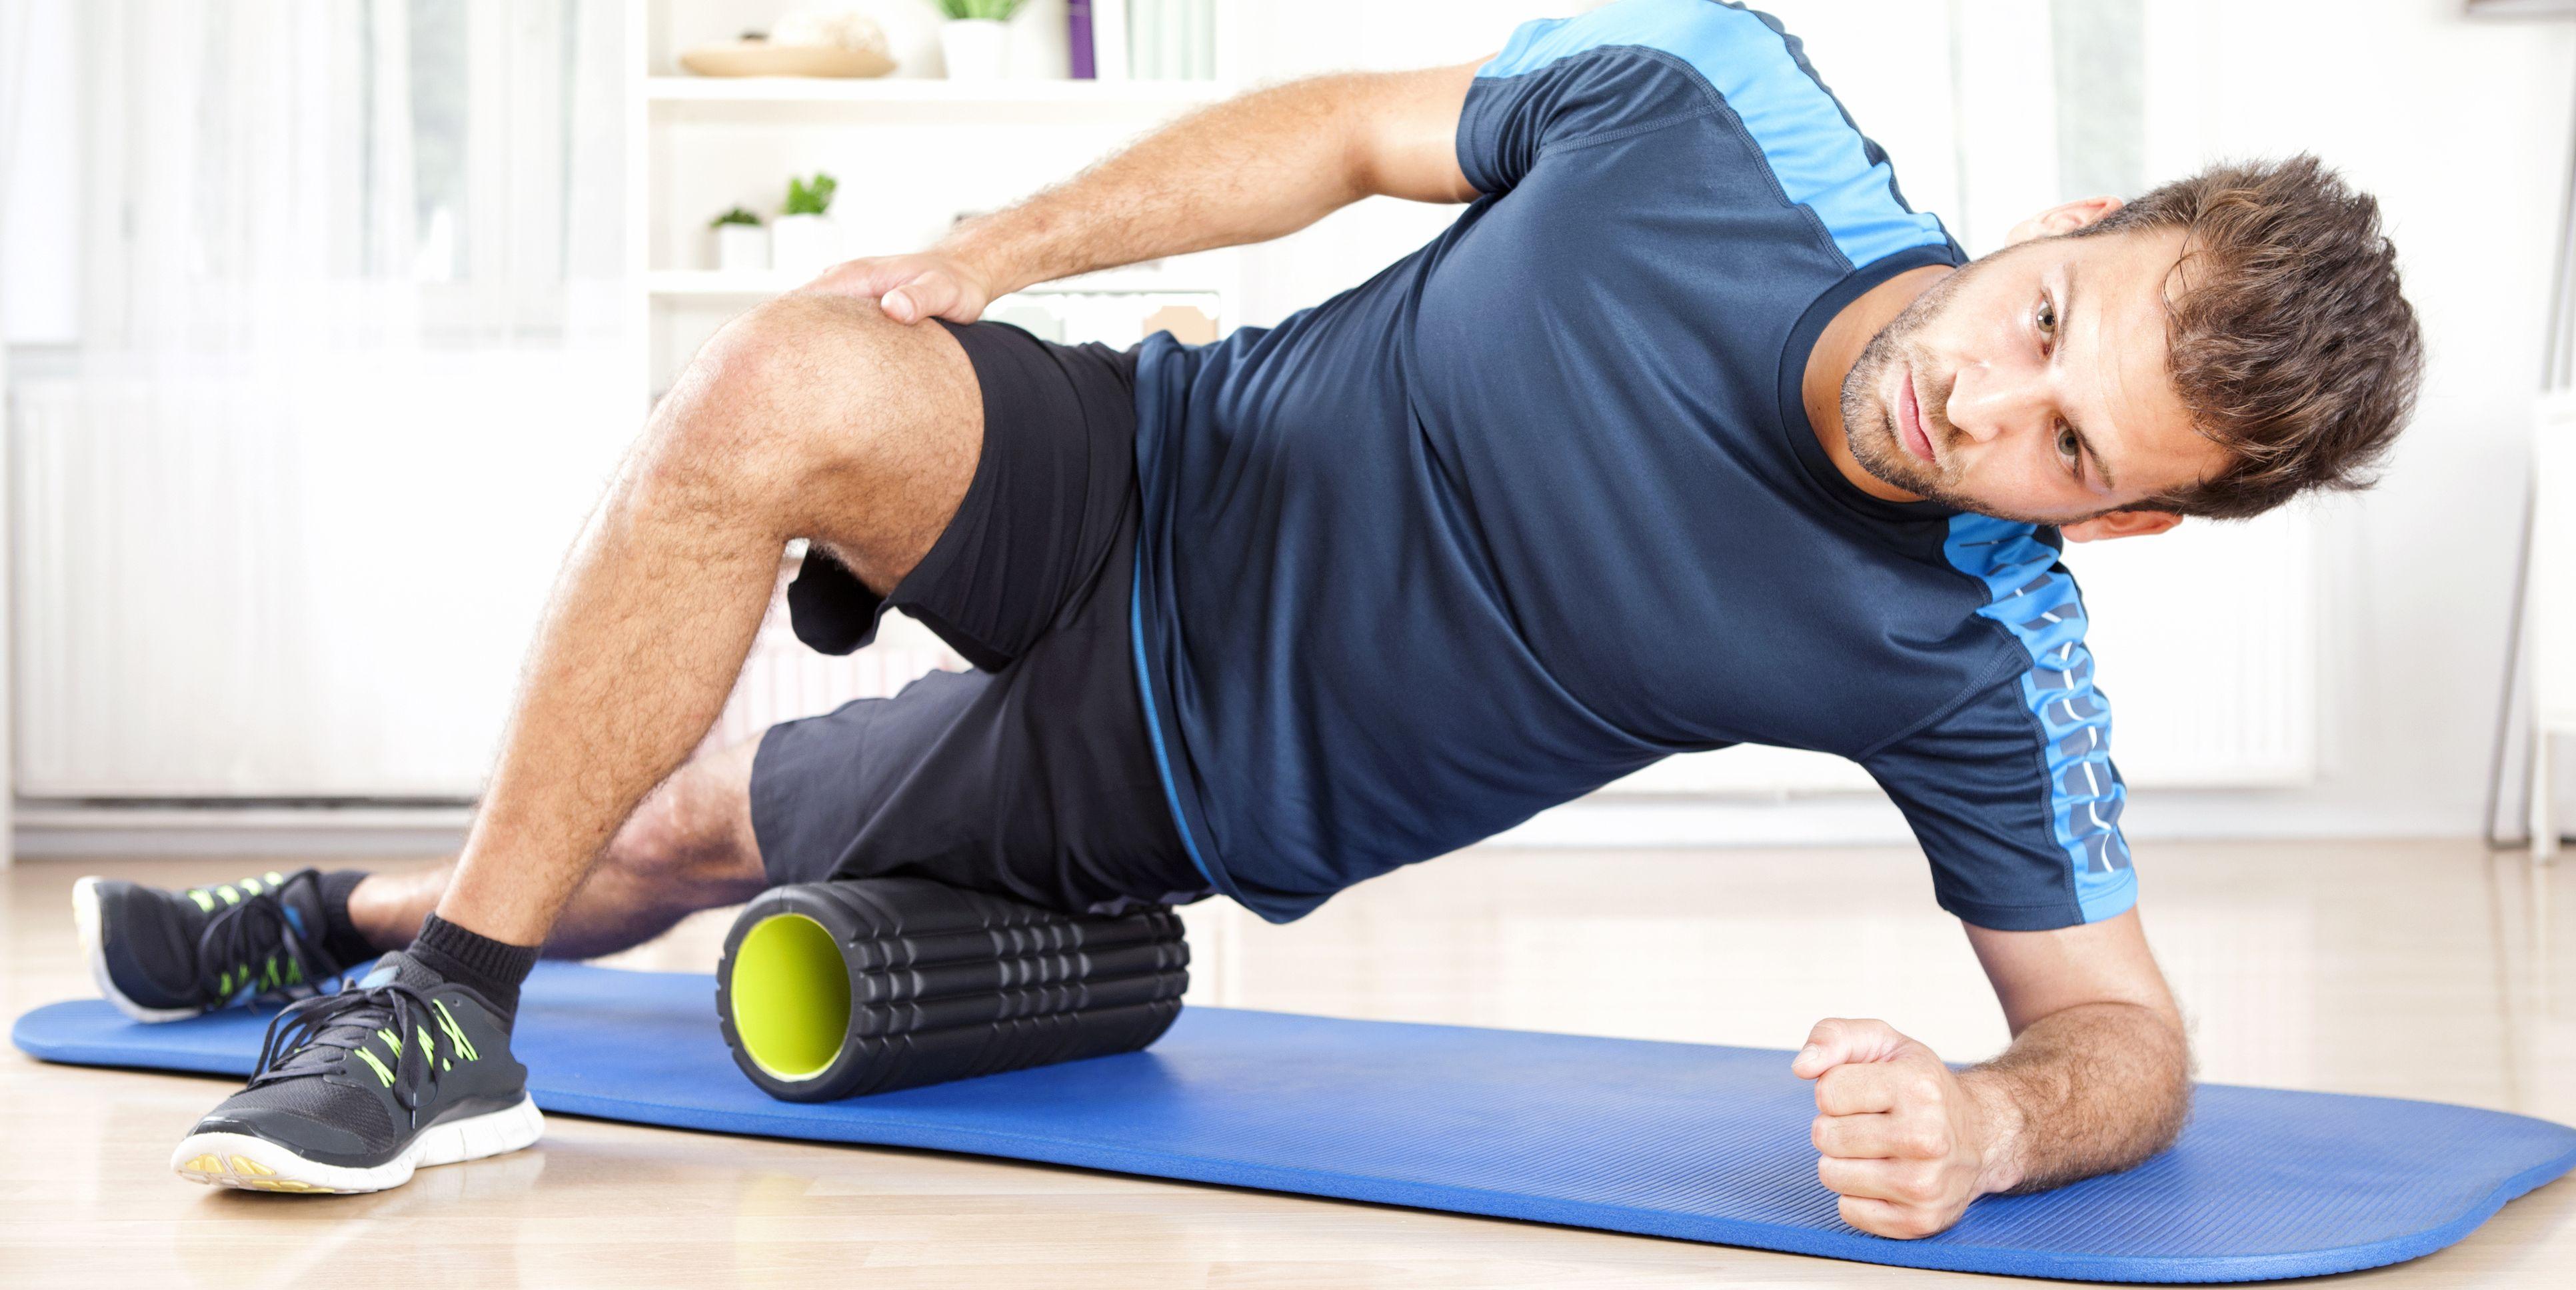 Athletic Man in Side Planking Using Foam Roller